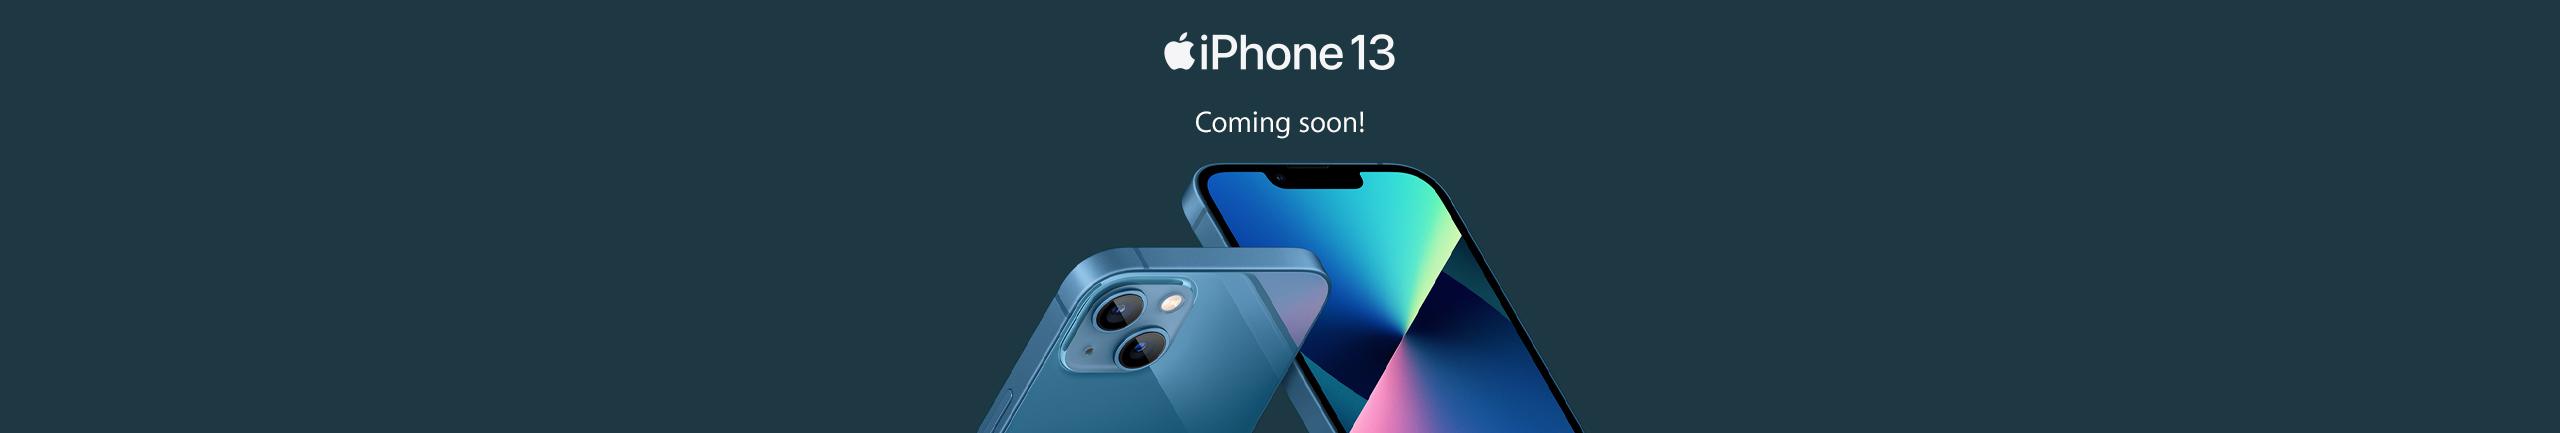 FPS Apple iPhone 13 coming soon